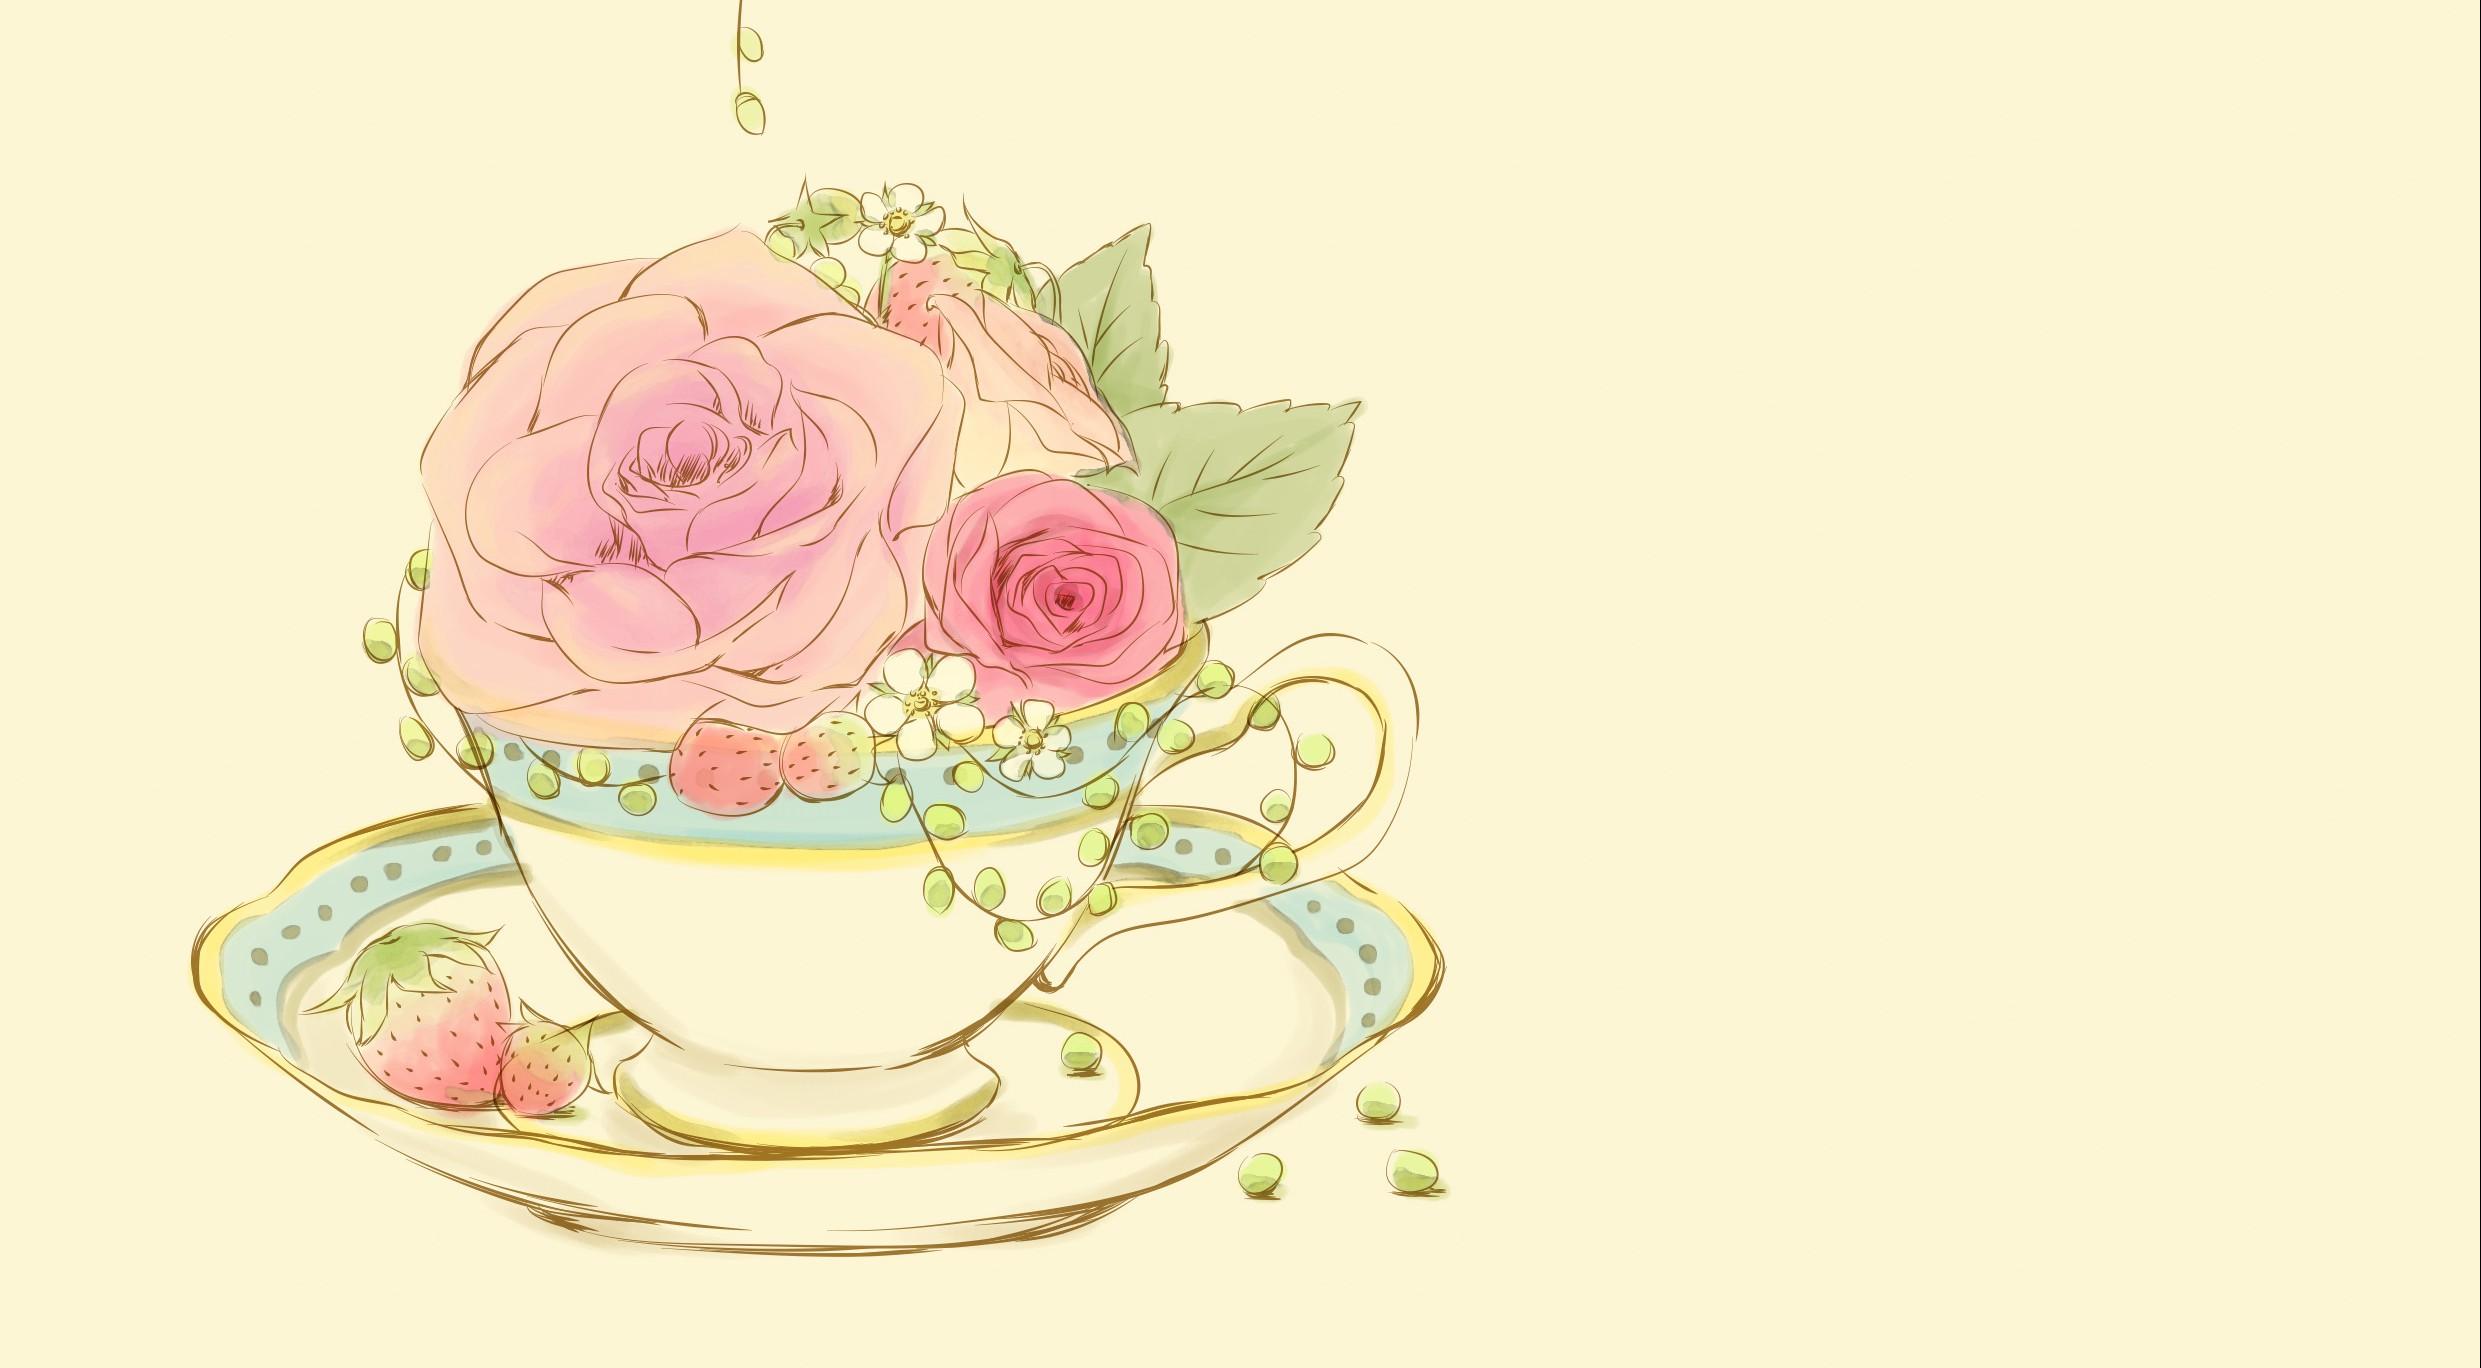 いちごティータイム-hanayuki-   かわいい花イラストのハンドメイド雑貨